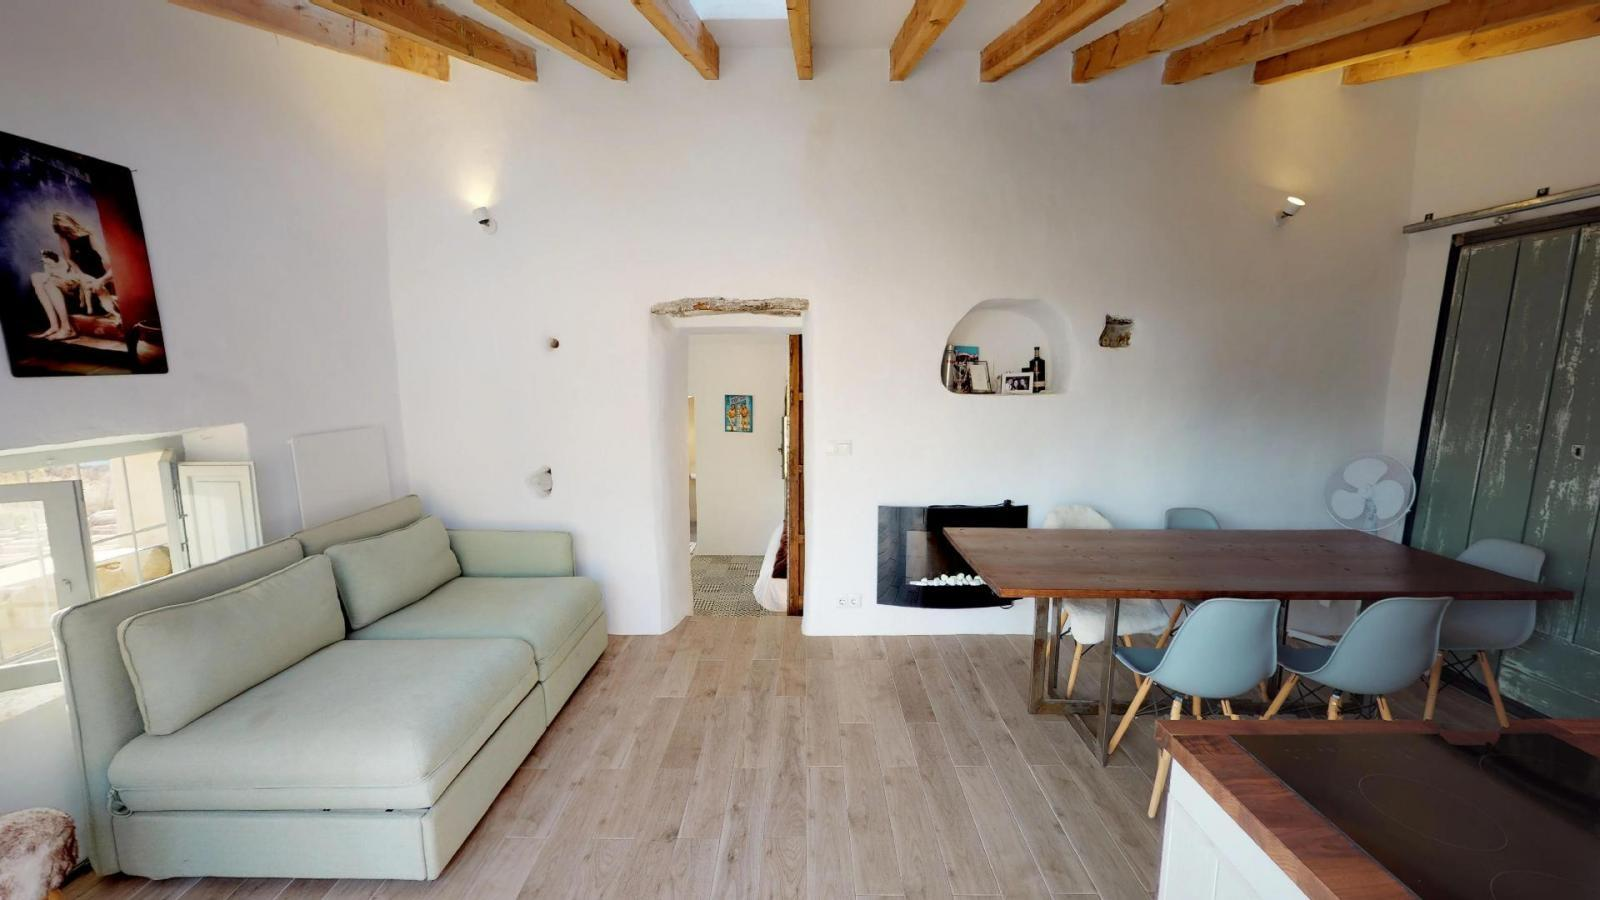 39564418 3303414 foto 393231 - Vida al aire libre en esta encantadora casa de pueblo en Velez-Málaga